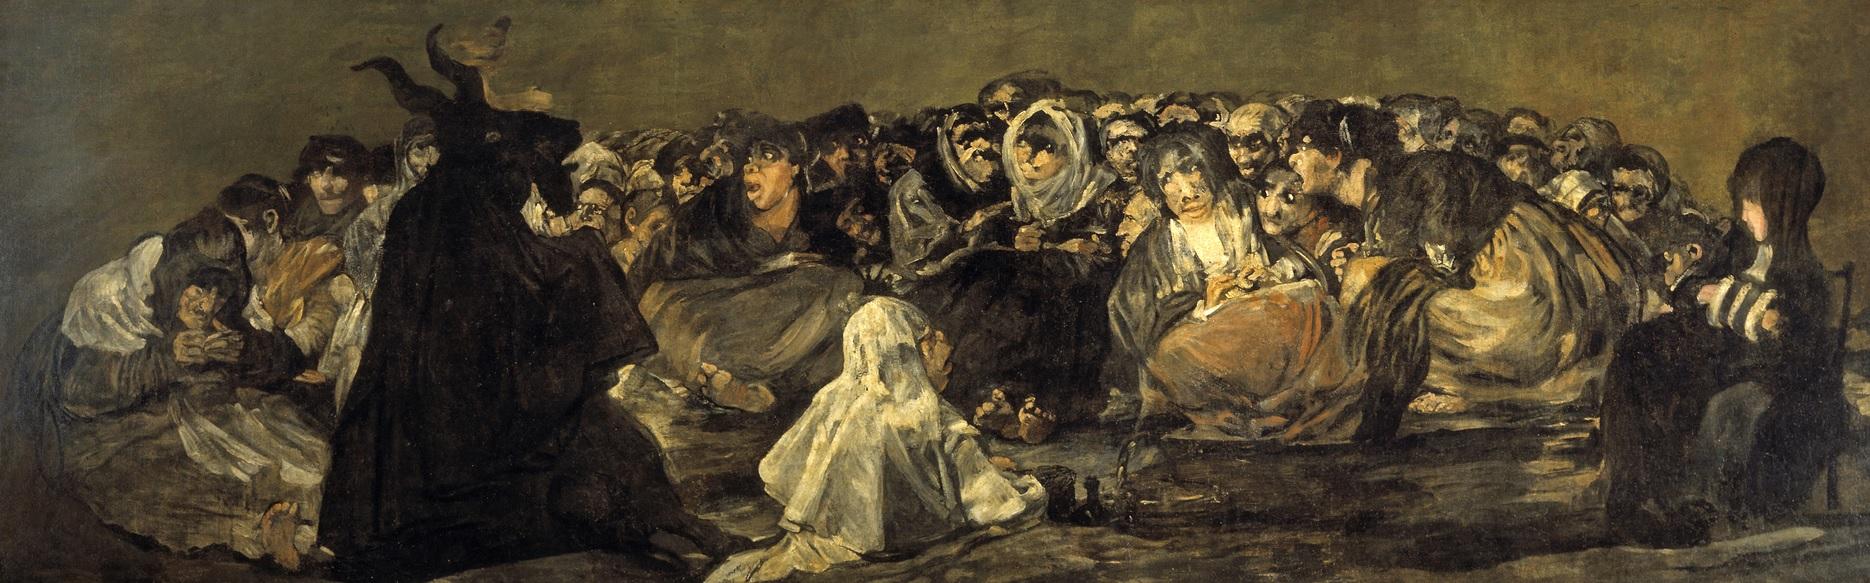 10. El Aquelarre. Obra de Francisco de Goya. 1821-1823